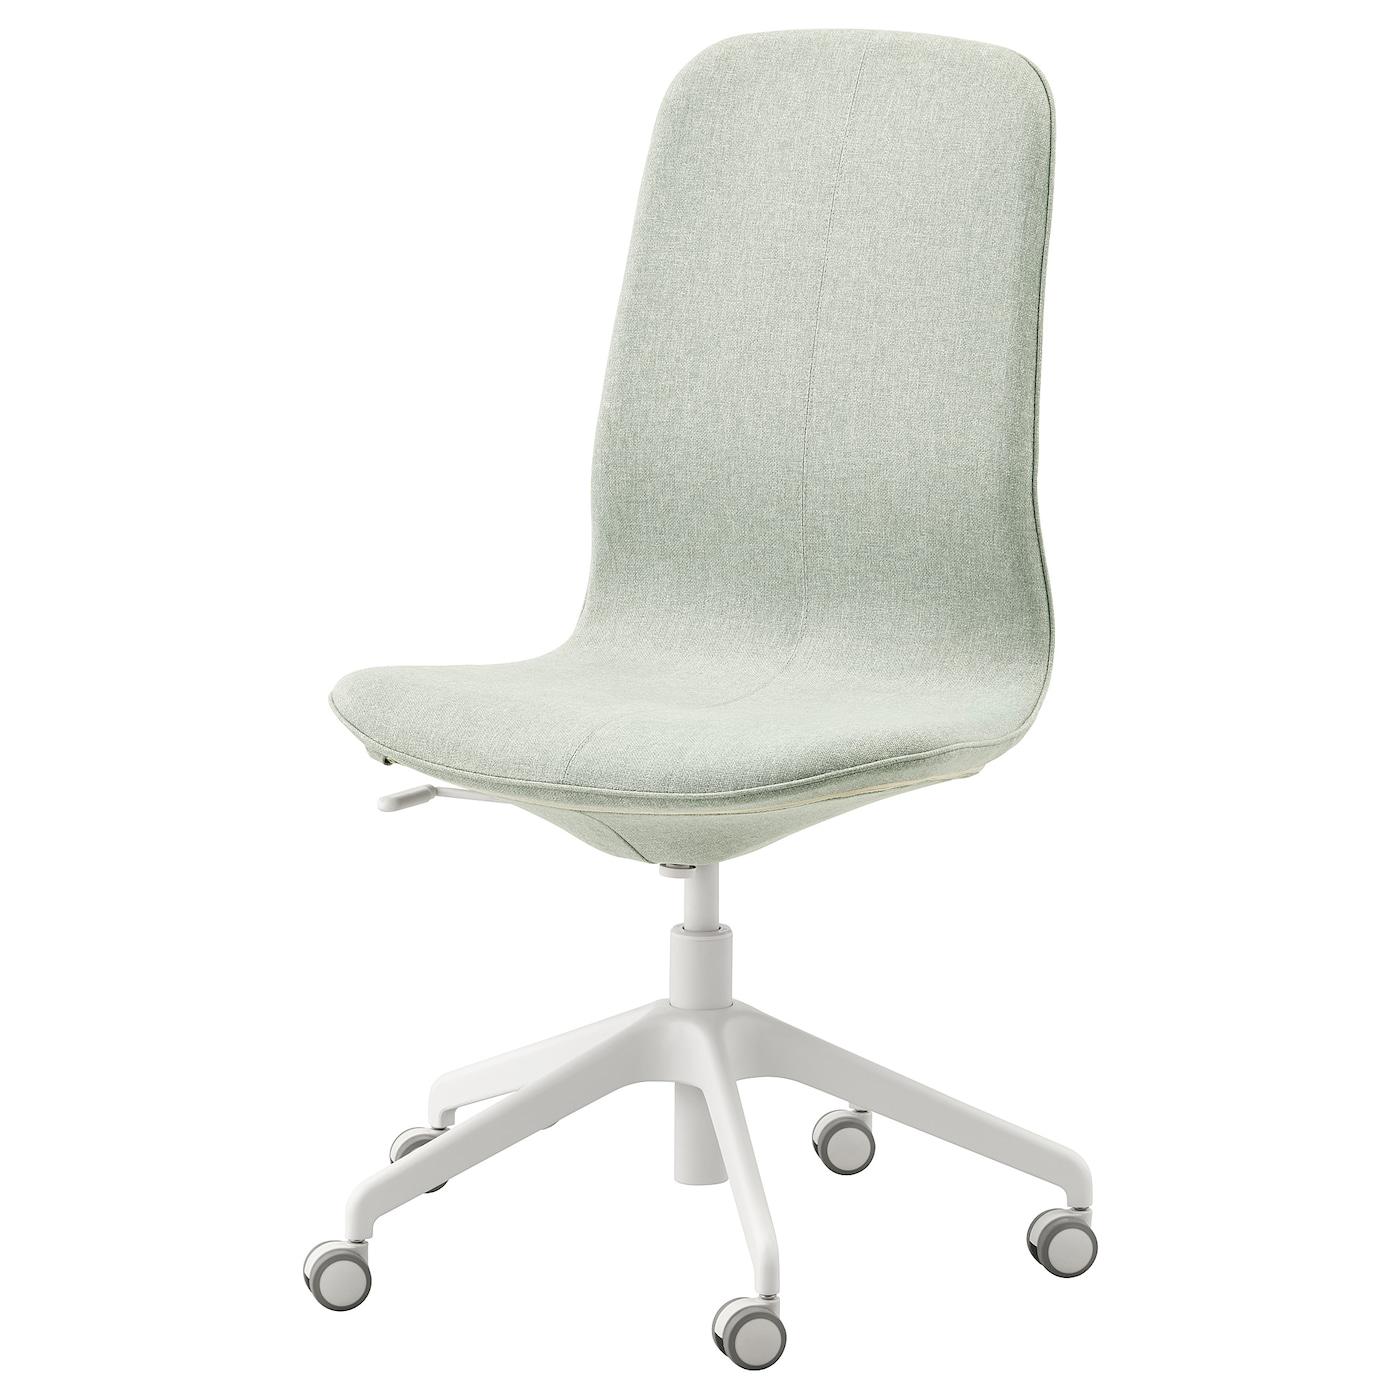 LÅNGFJÄLL Office chair Gunnared light green, white